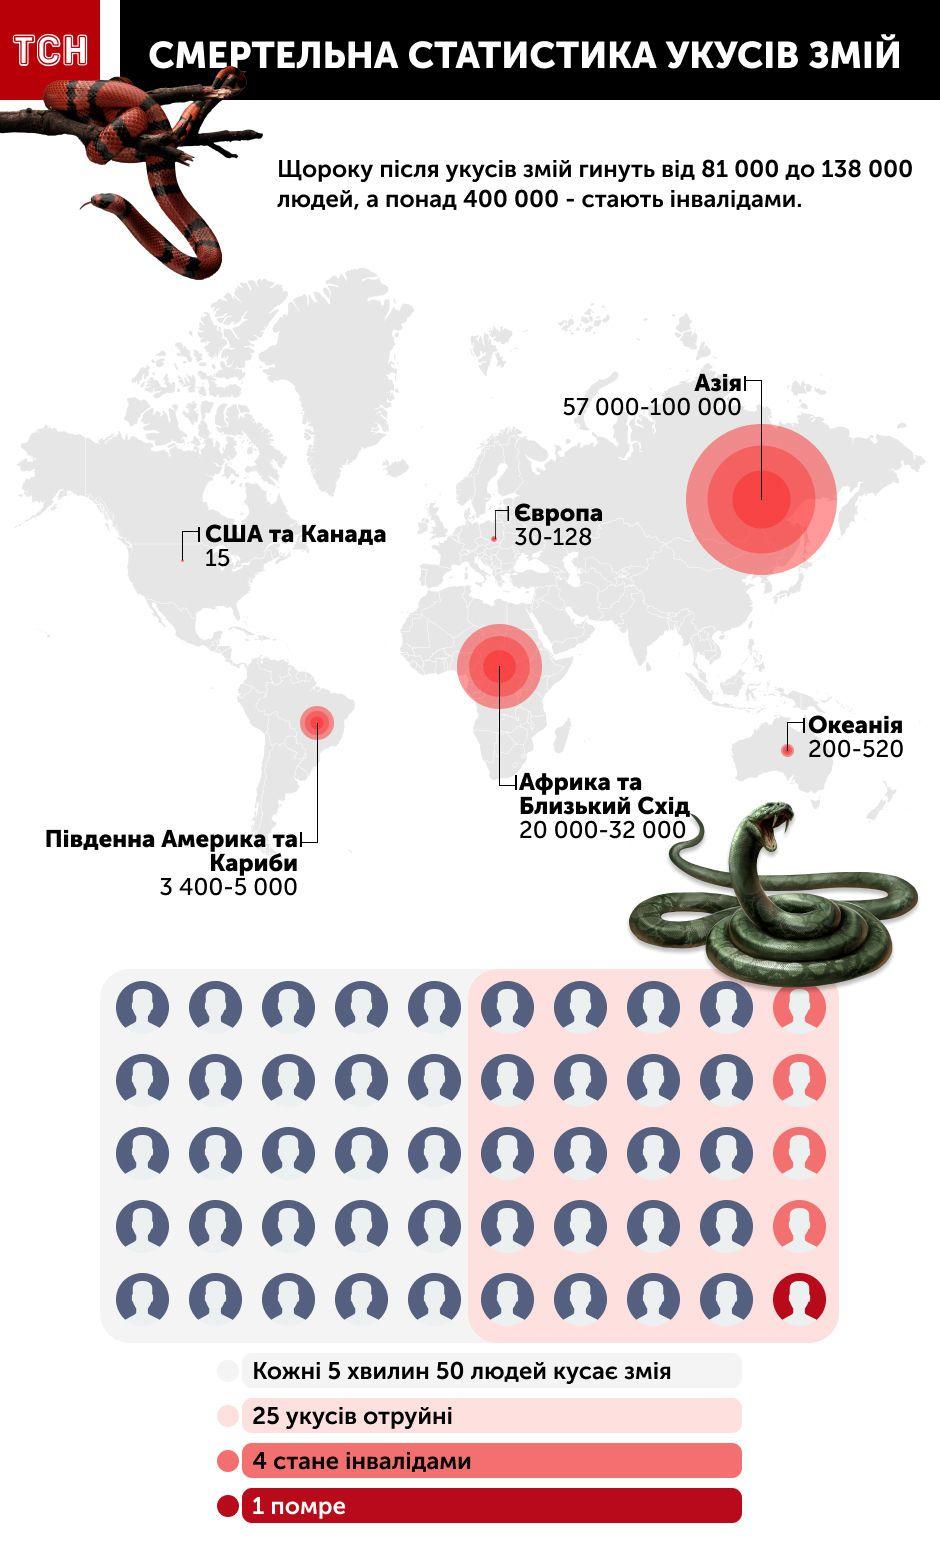 смертельна статистика укусів змій, інфографіка